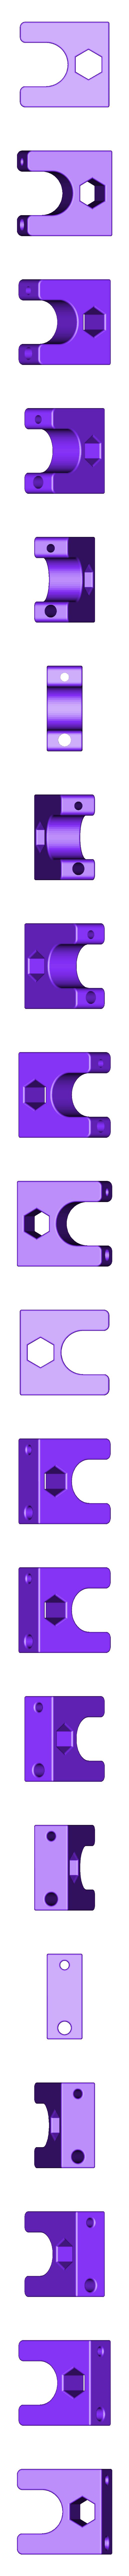 Wrench.stl Télécharger fichier STL Bicycle BoosterPack, véhicule électrique à pince • Objet pour impression 3D, mechengineermike